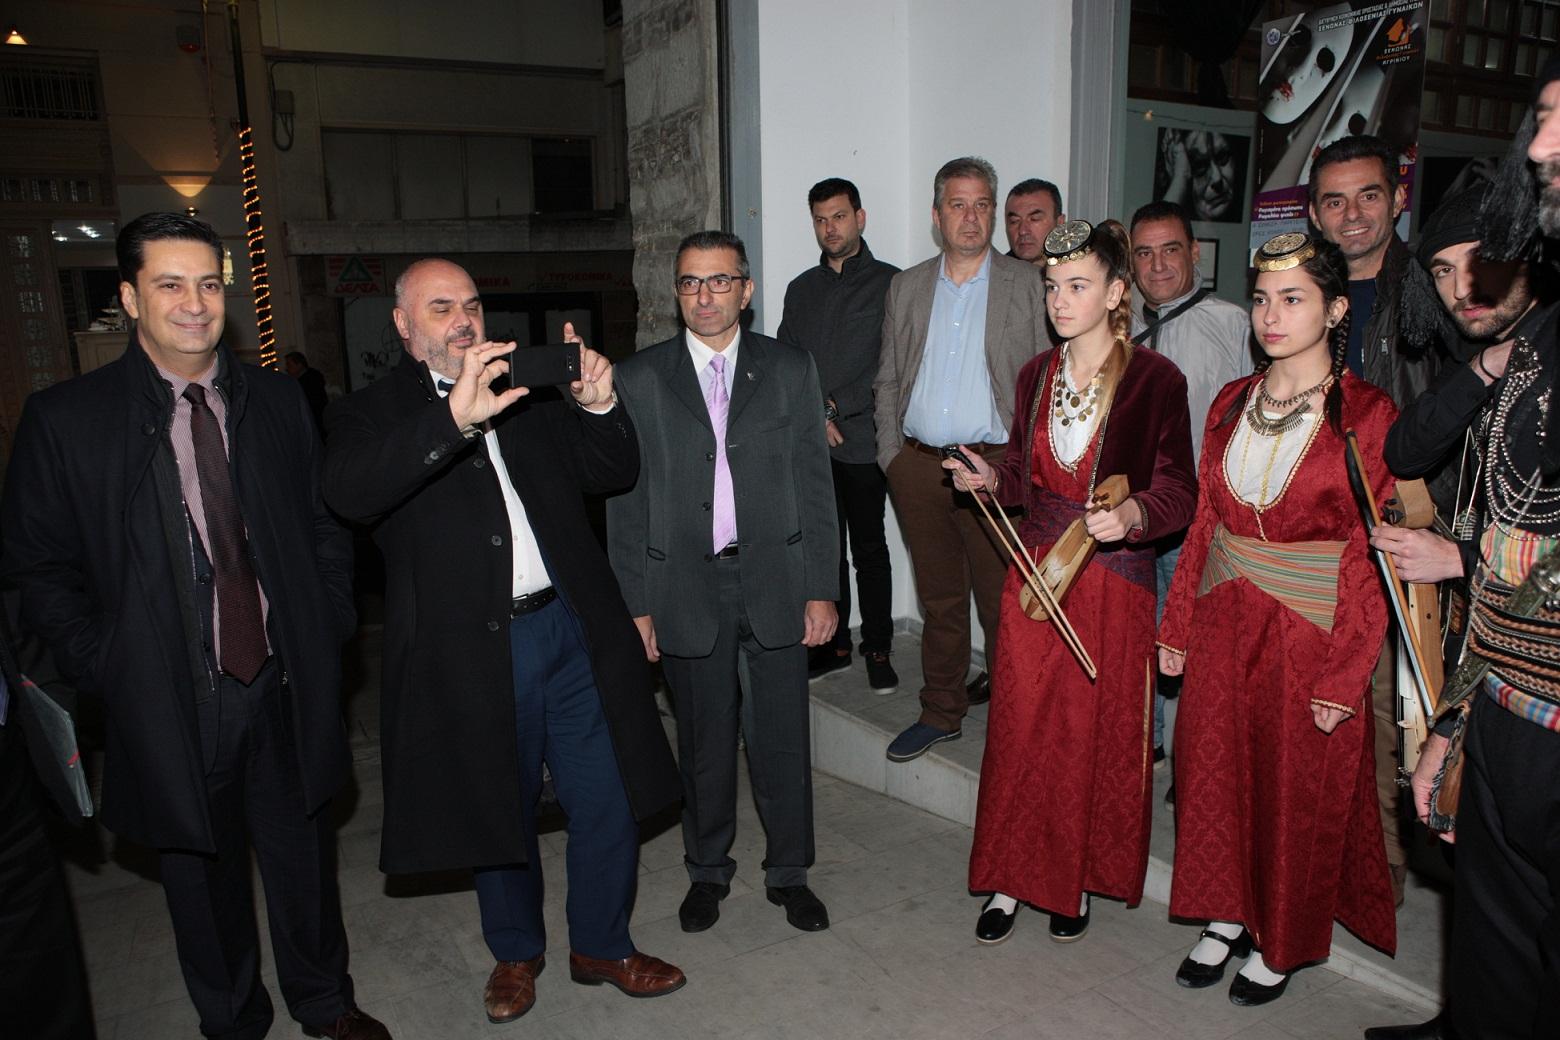 Το Αγρίνιο υποδέχθηκε τους ευρωπαίους δημοσιογράφους και τίμησε τον Έλληνα Δήμαρχο των Βρυξελλών